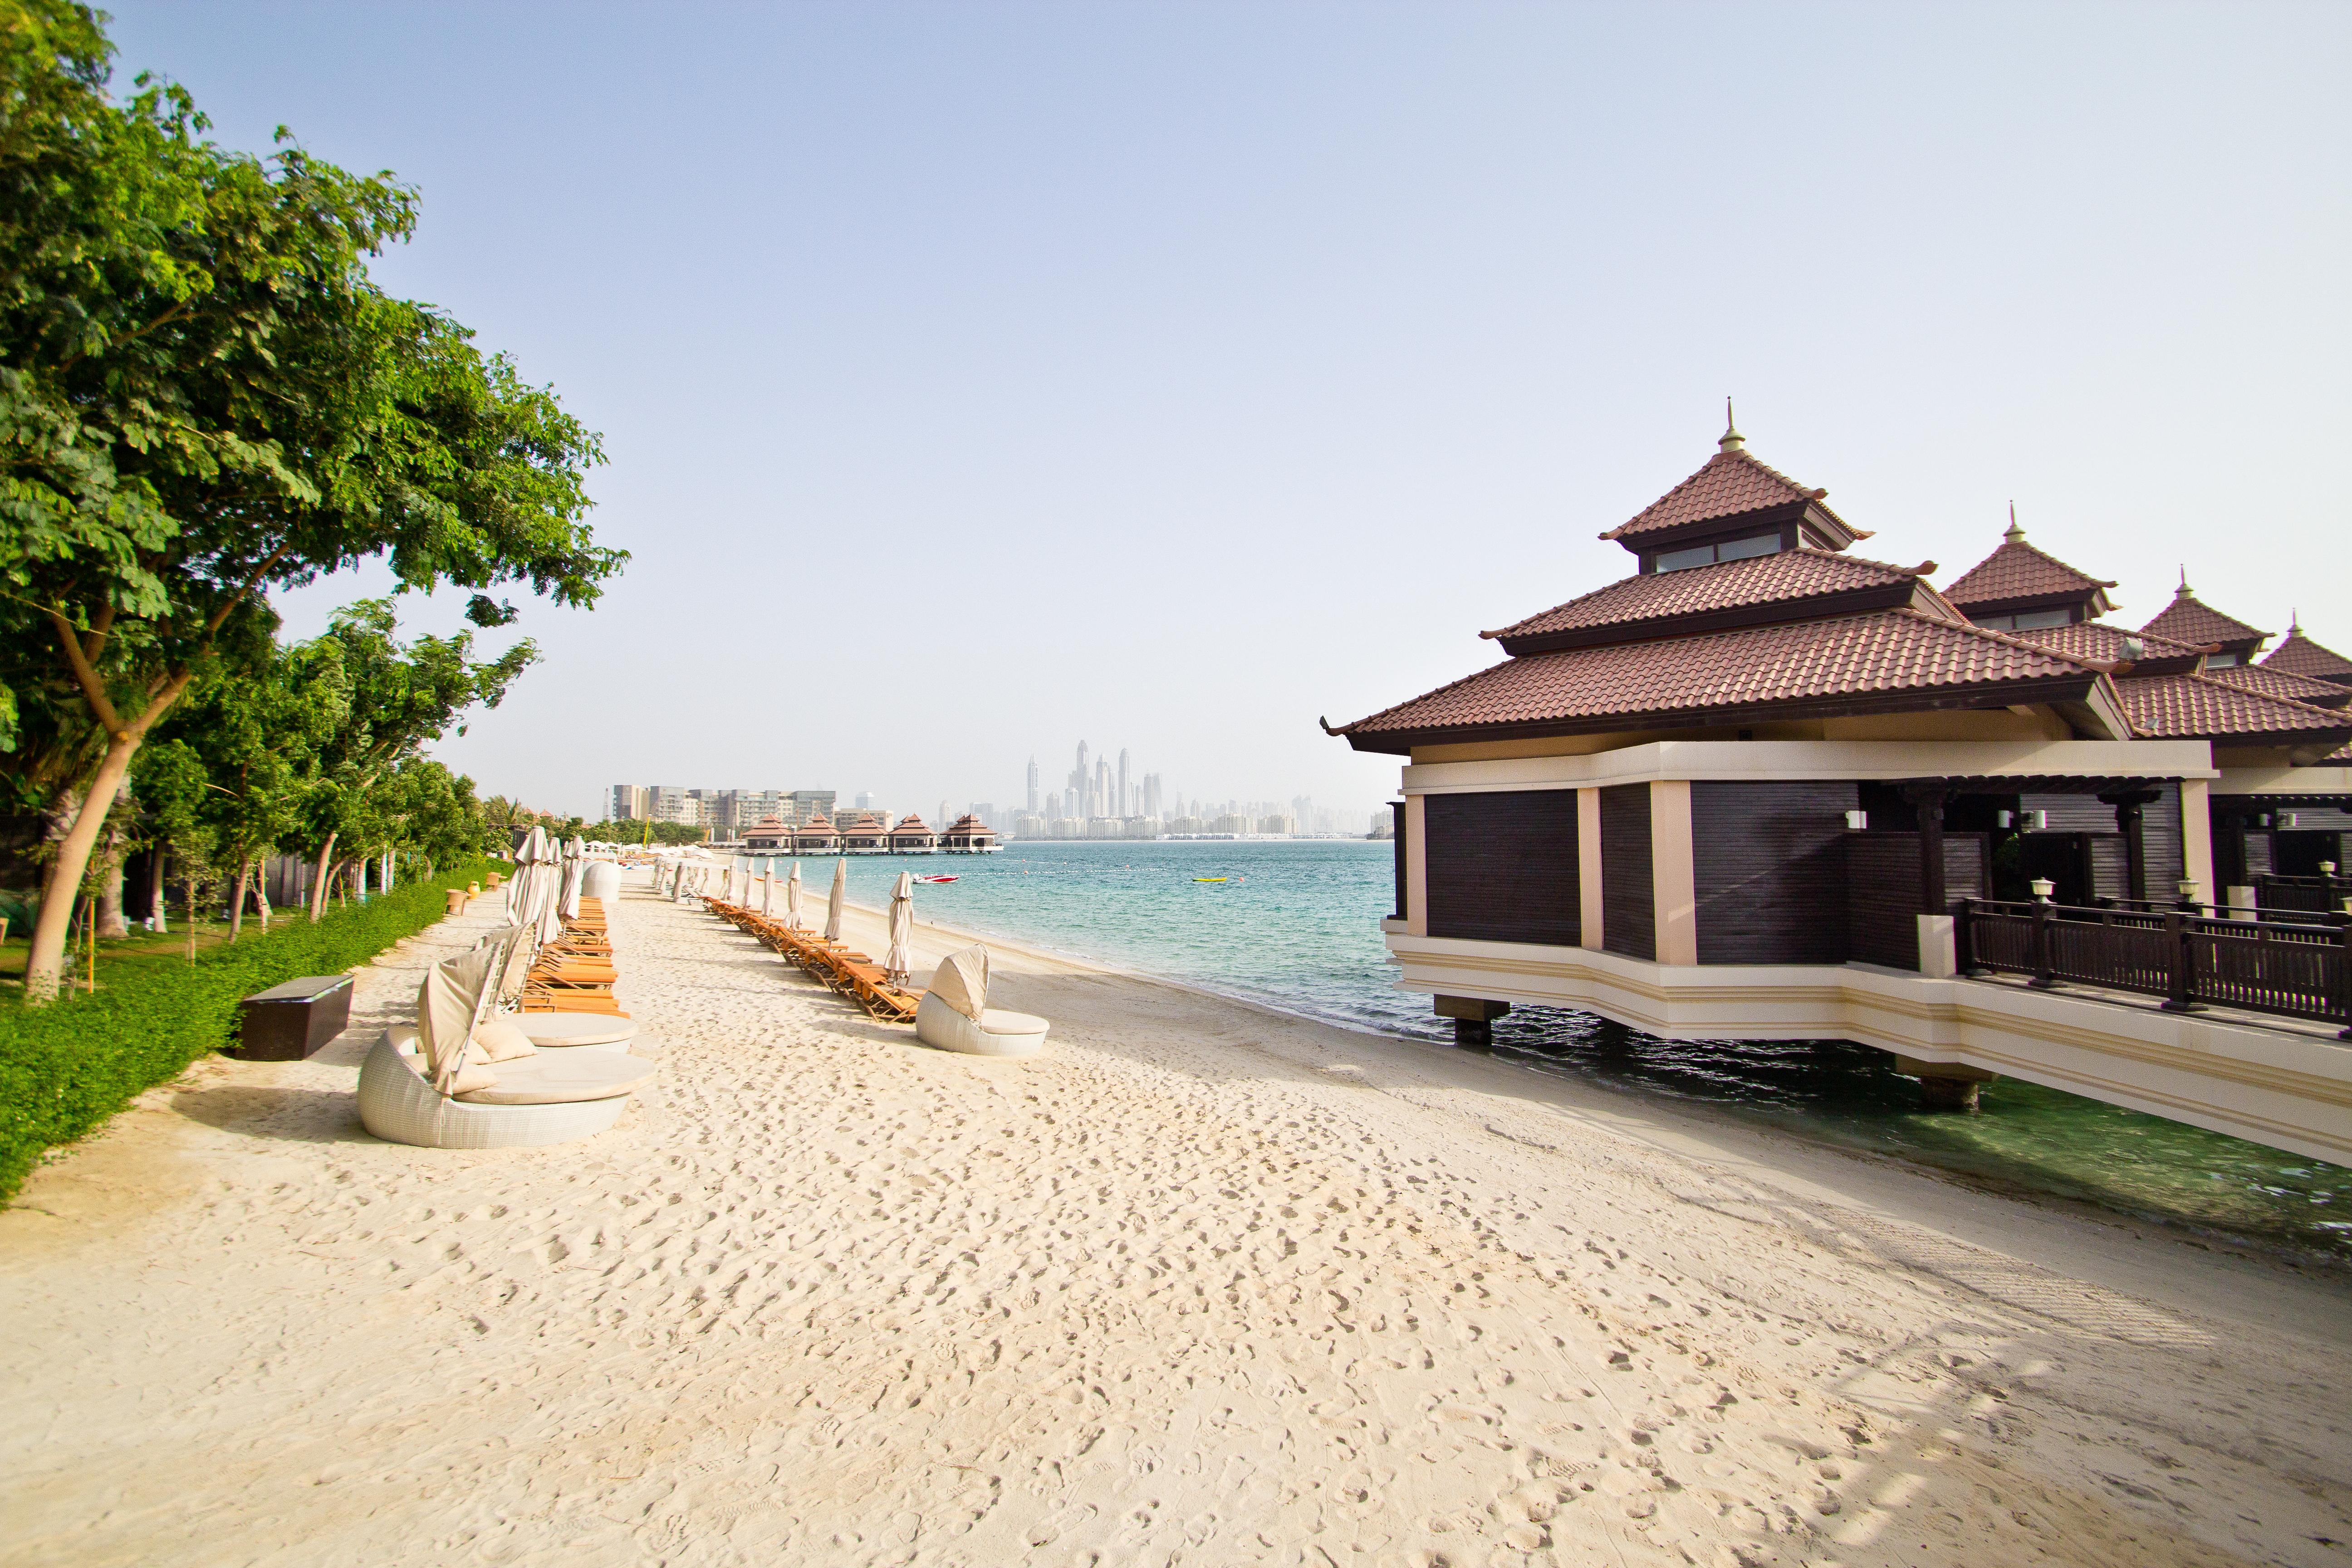 dubai_anantara_dubai_the_palm_resort_spa_hotel_beach_reiseblog_travelblog_14